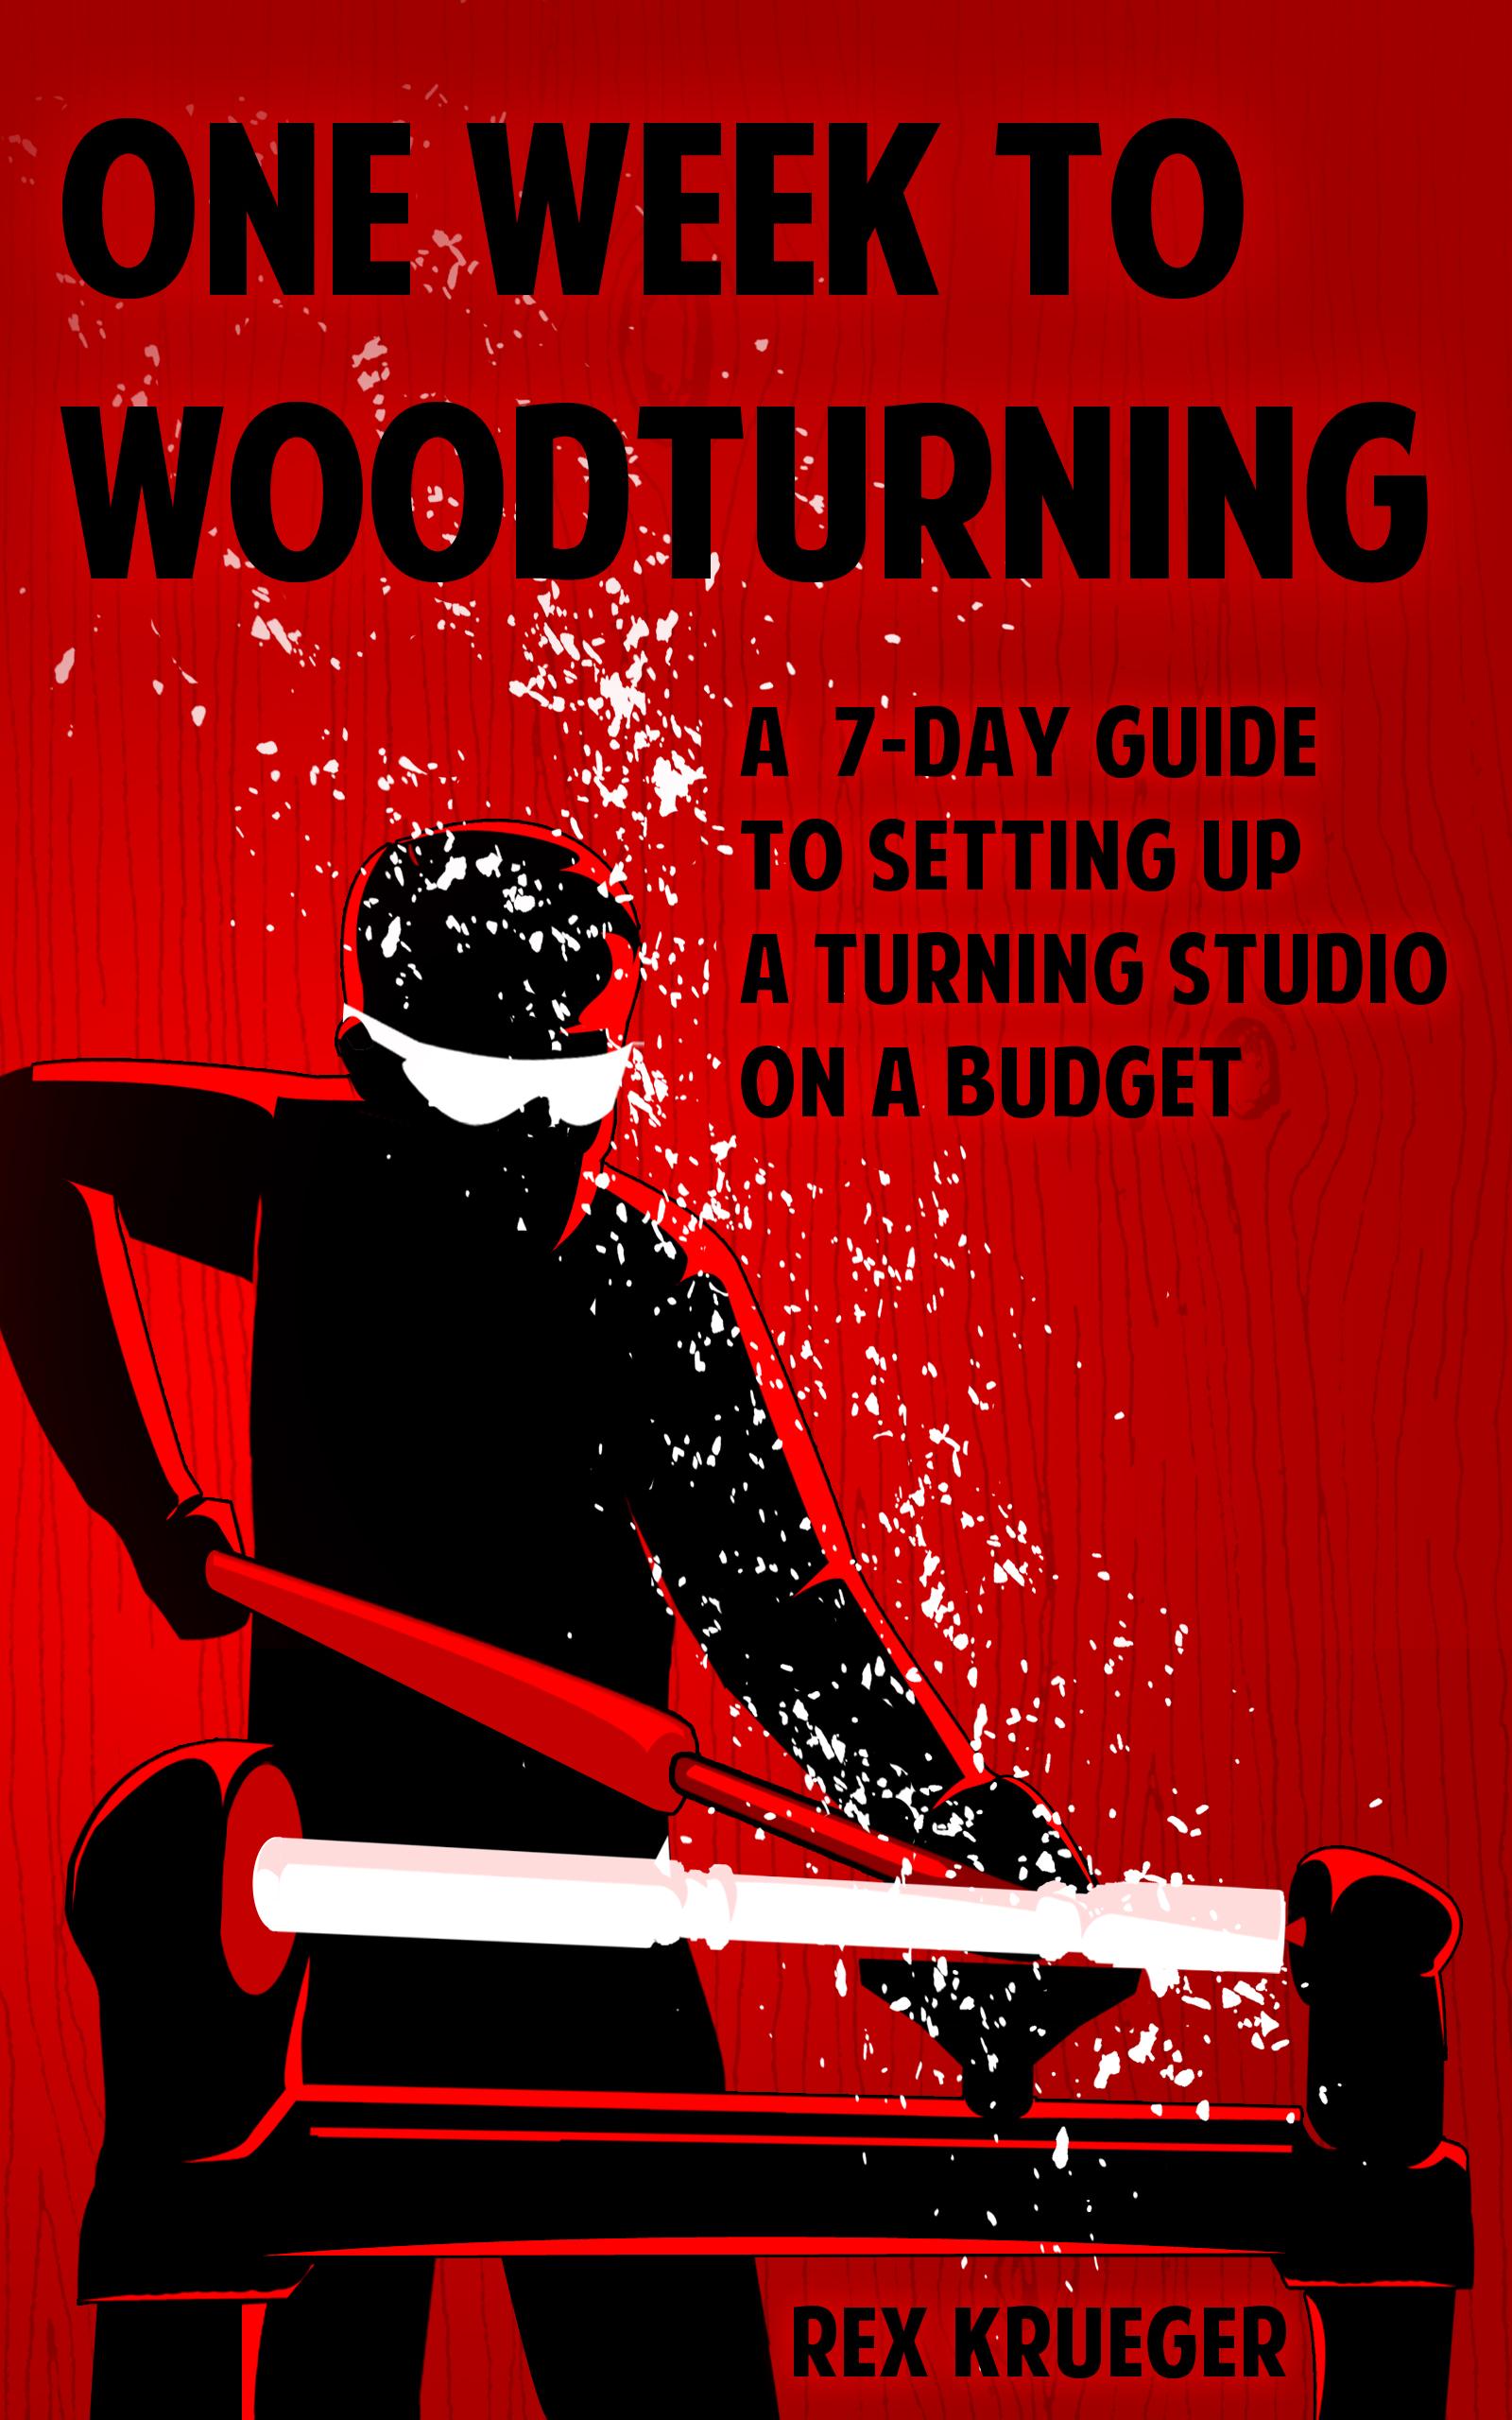 one week to wood working copy (1).jpg